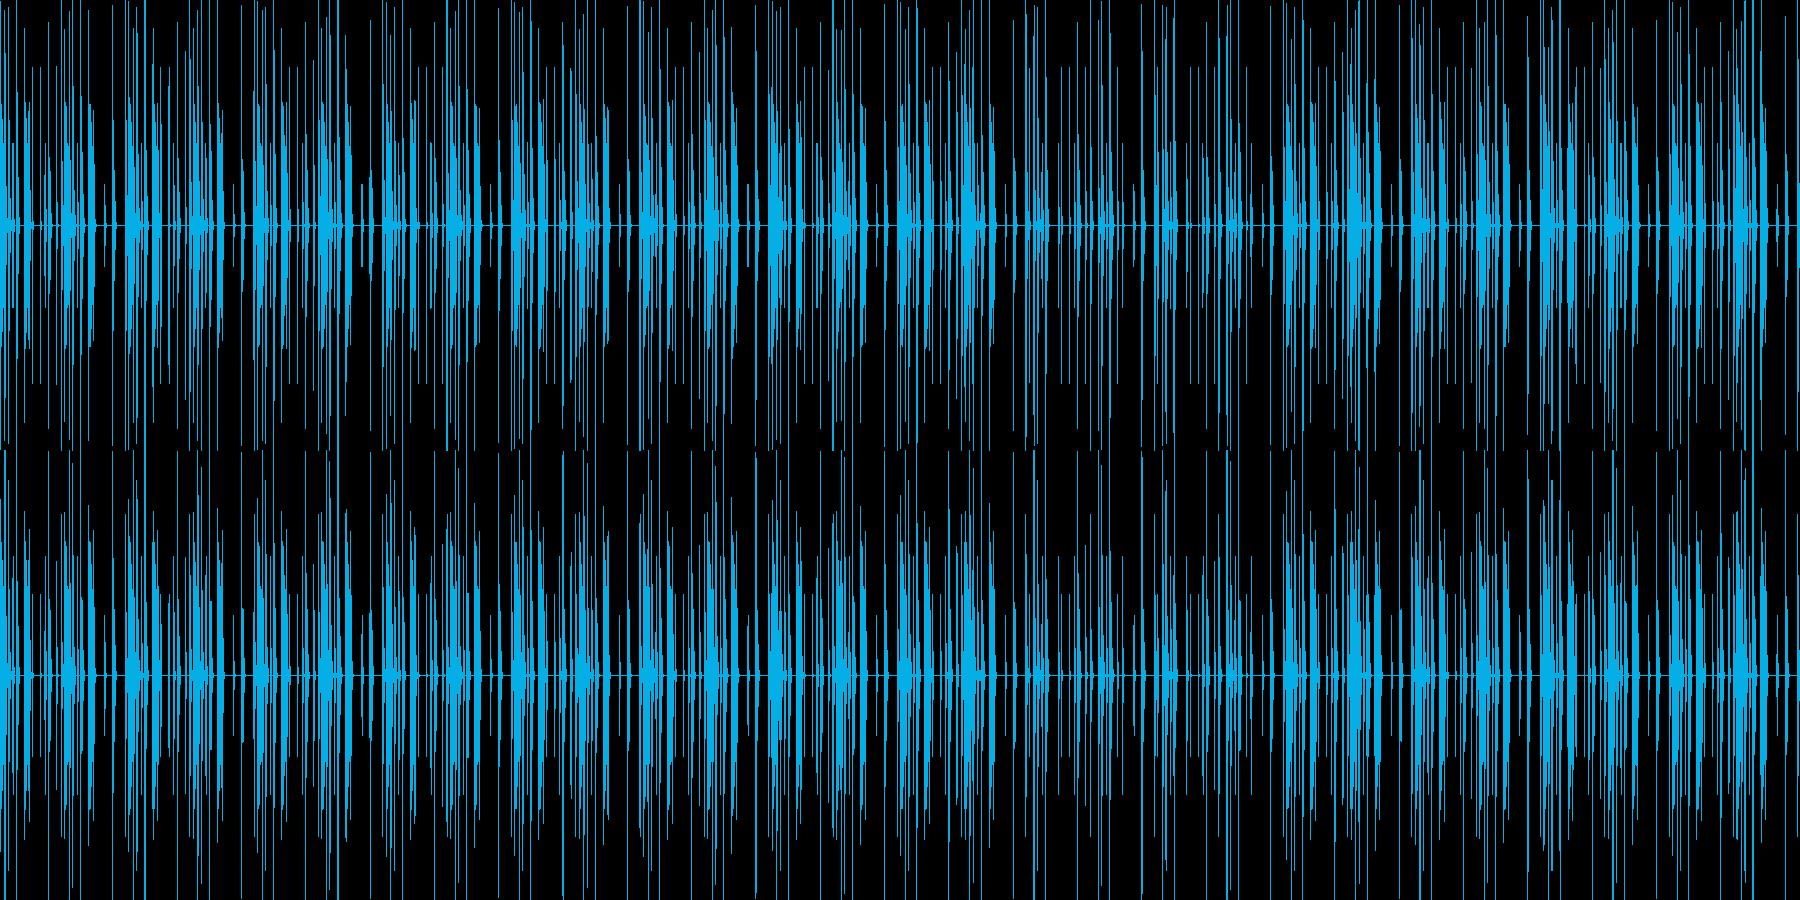 エレクトロニック 無機質なリズムループの再生済みの波形